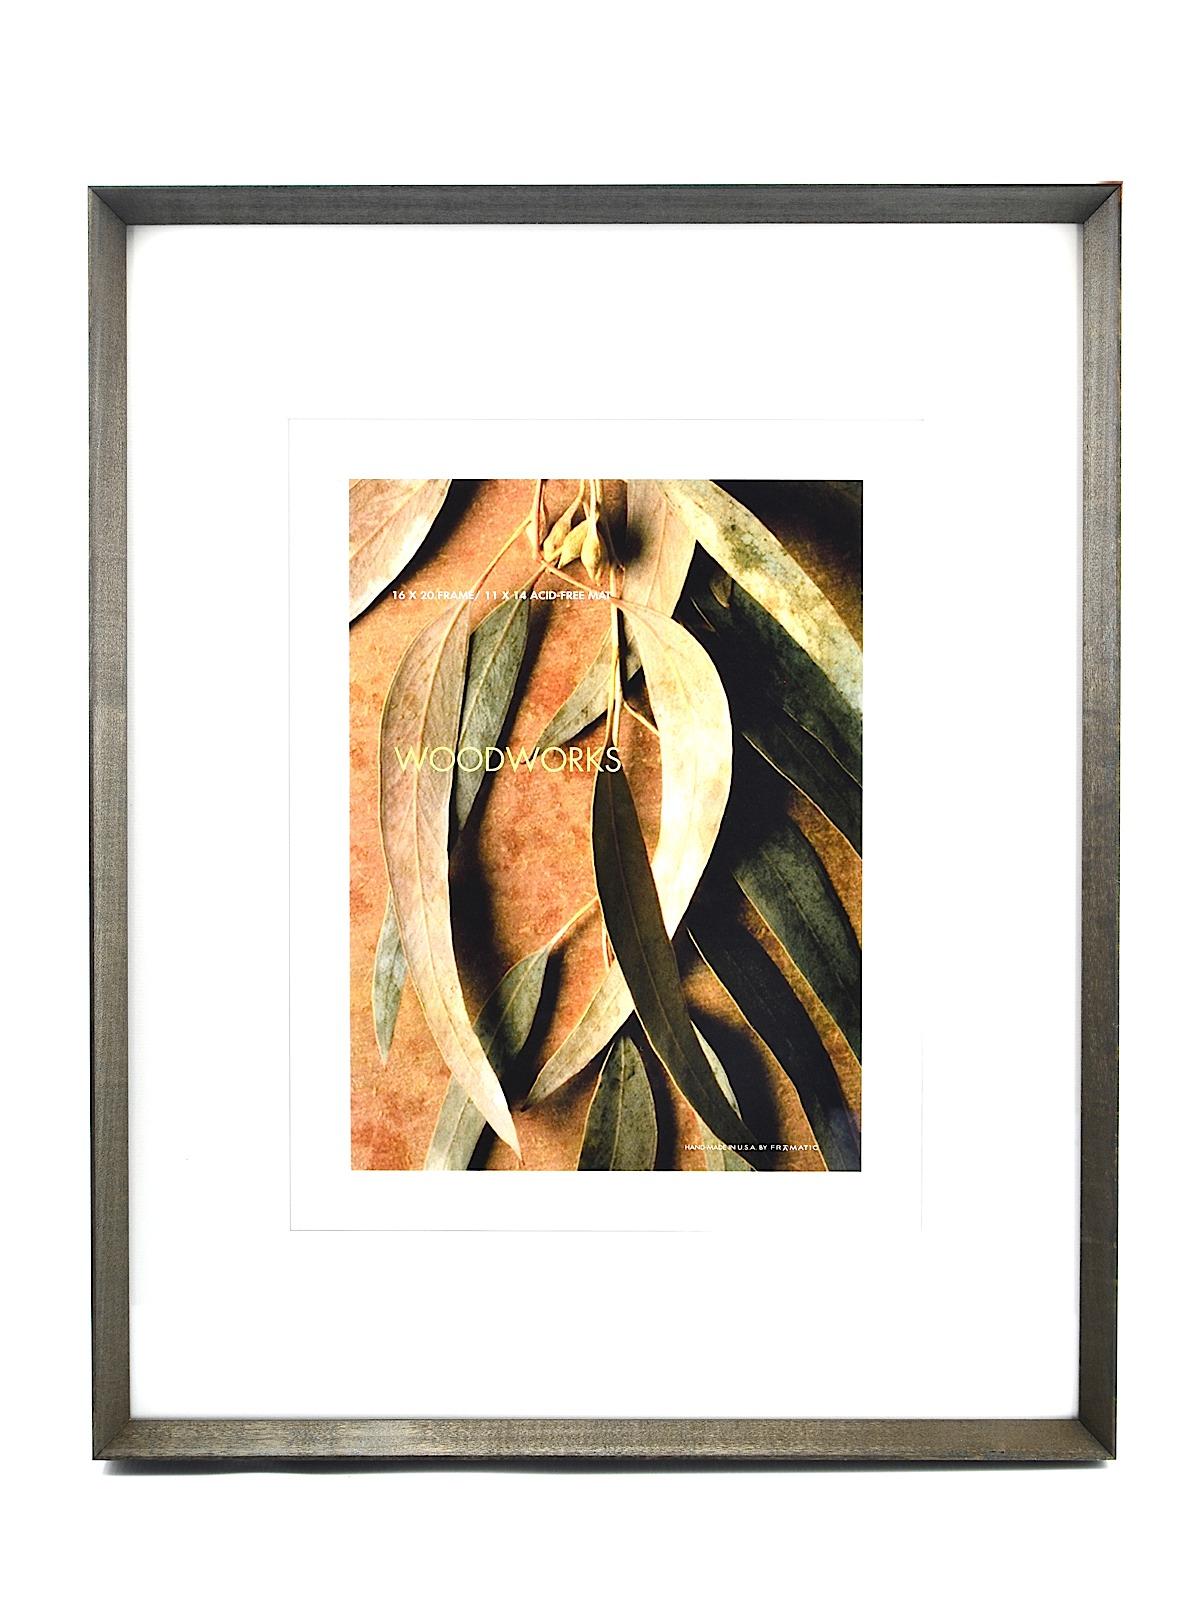 Framatic Woodworks Frames Misterartcom